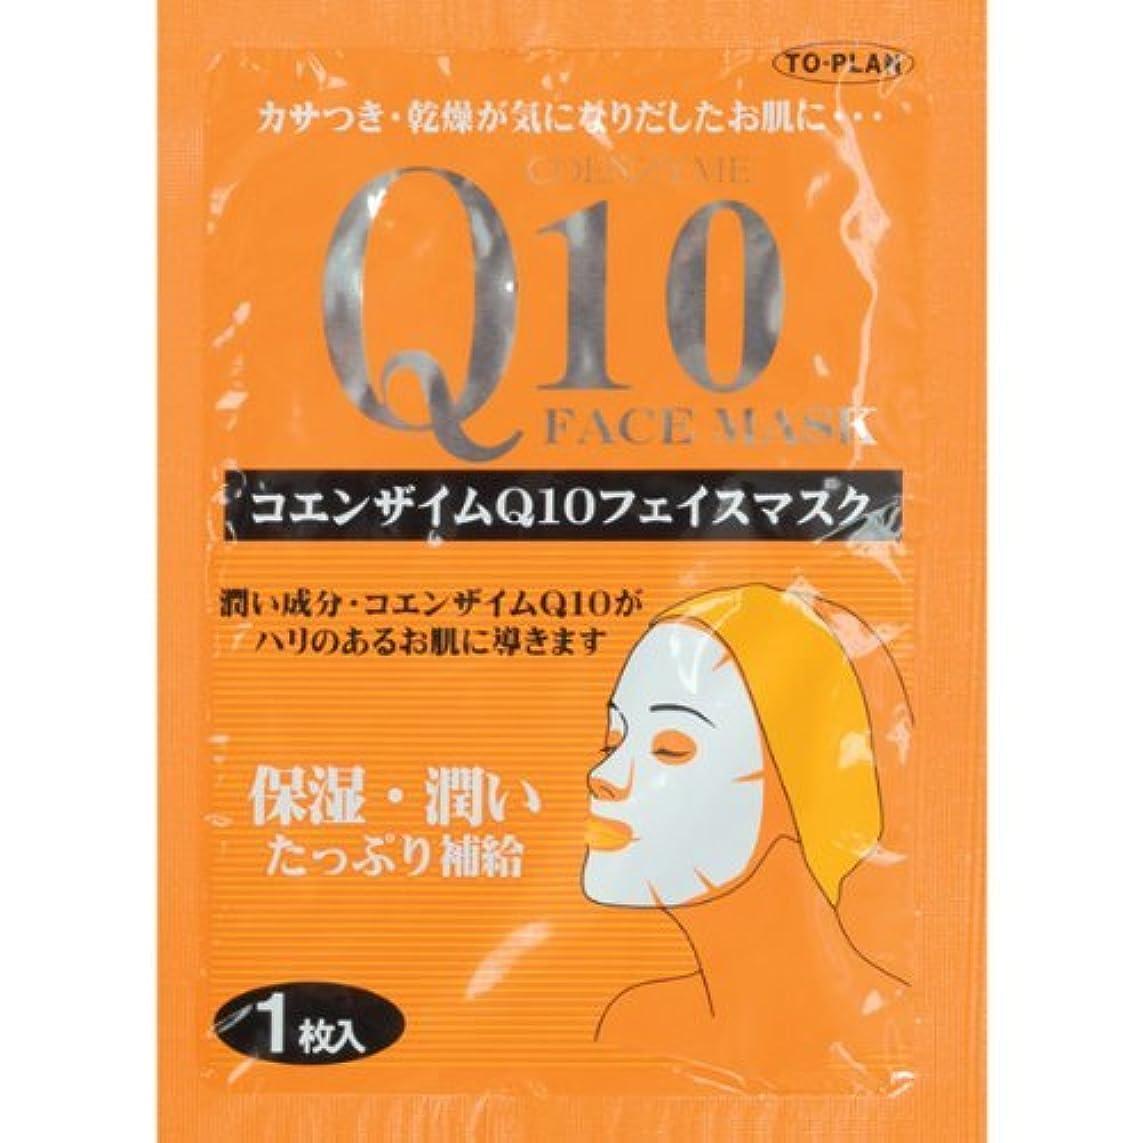 キリン冒険者メモフェイスマスク コエンザイムQ10 まとめ買い プレゼント フェイスパック (100枚)